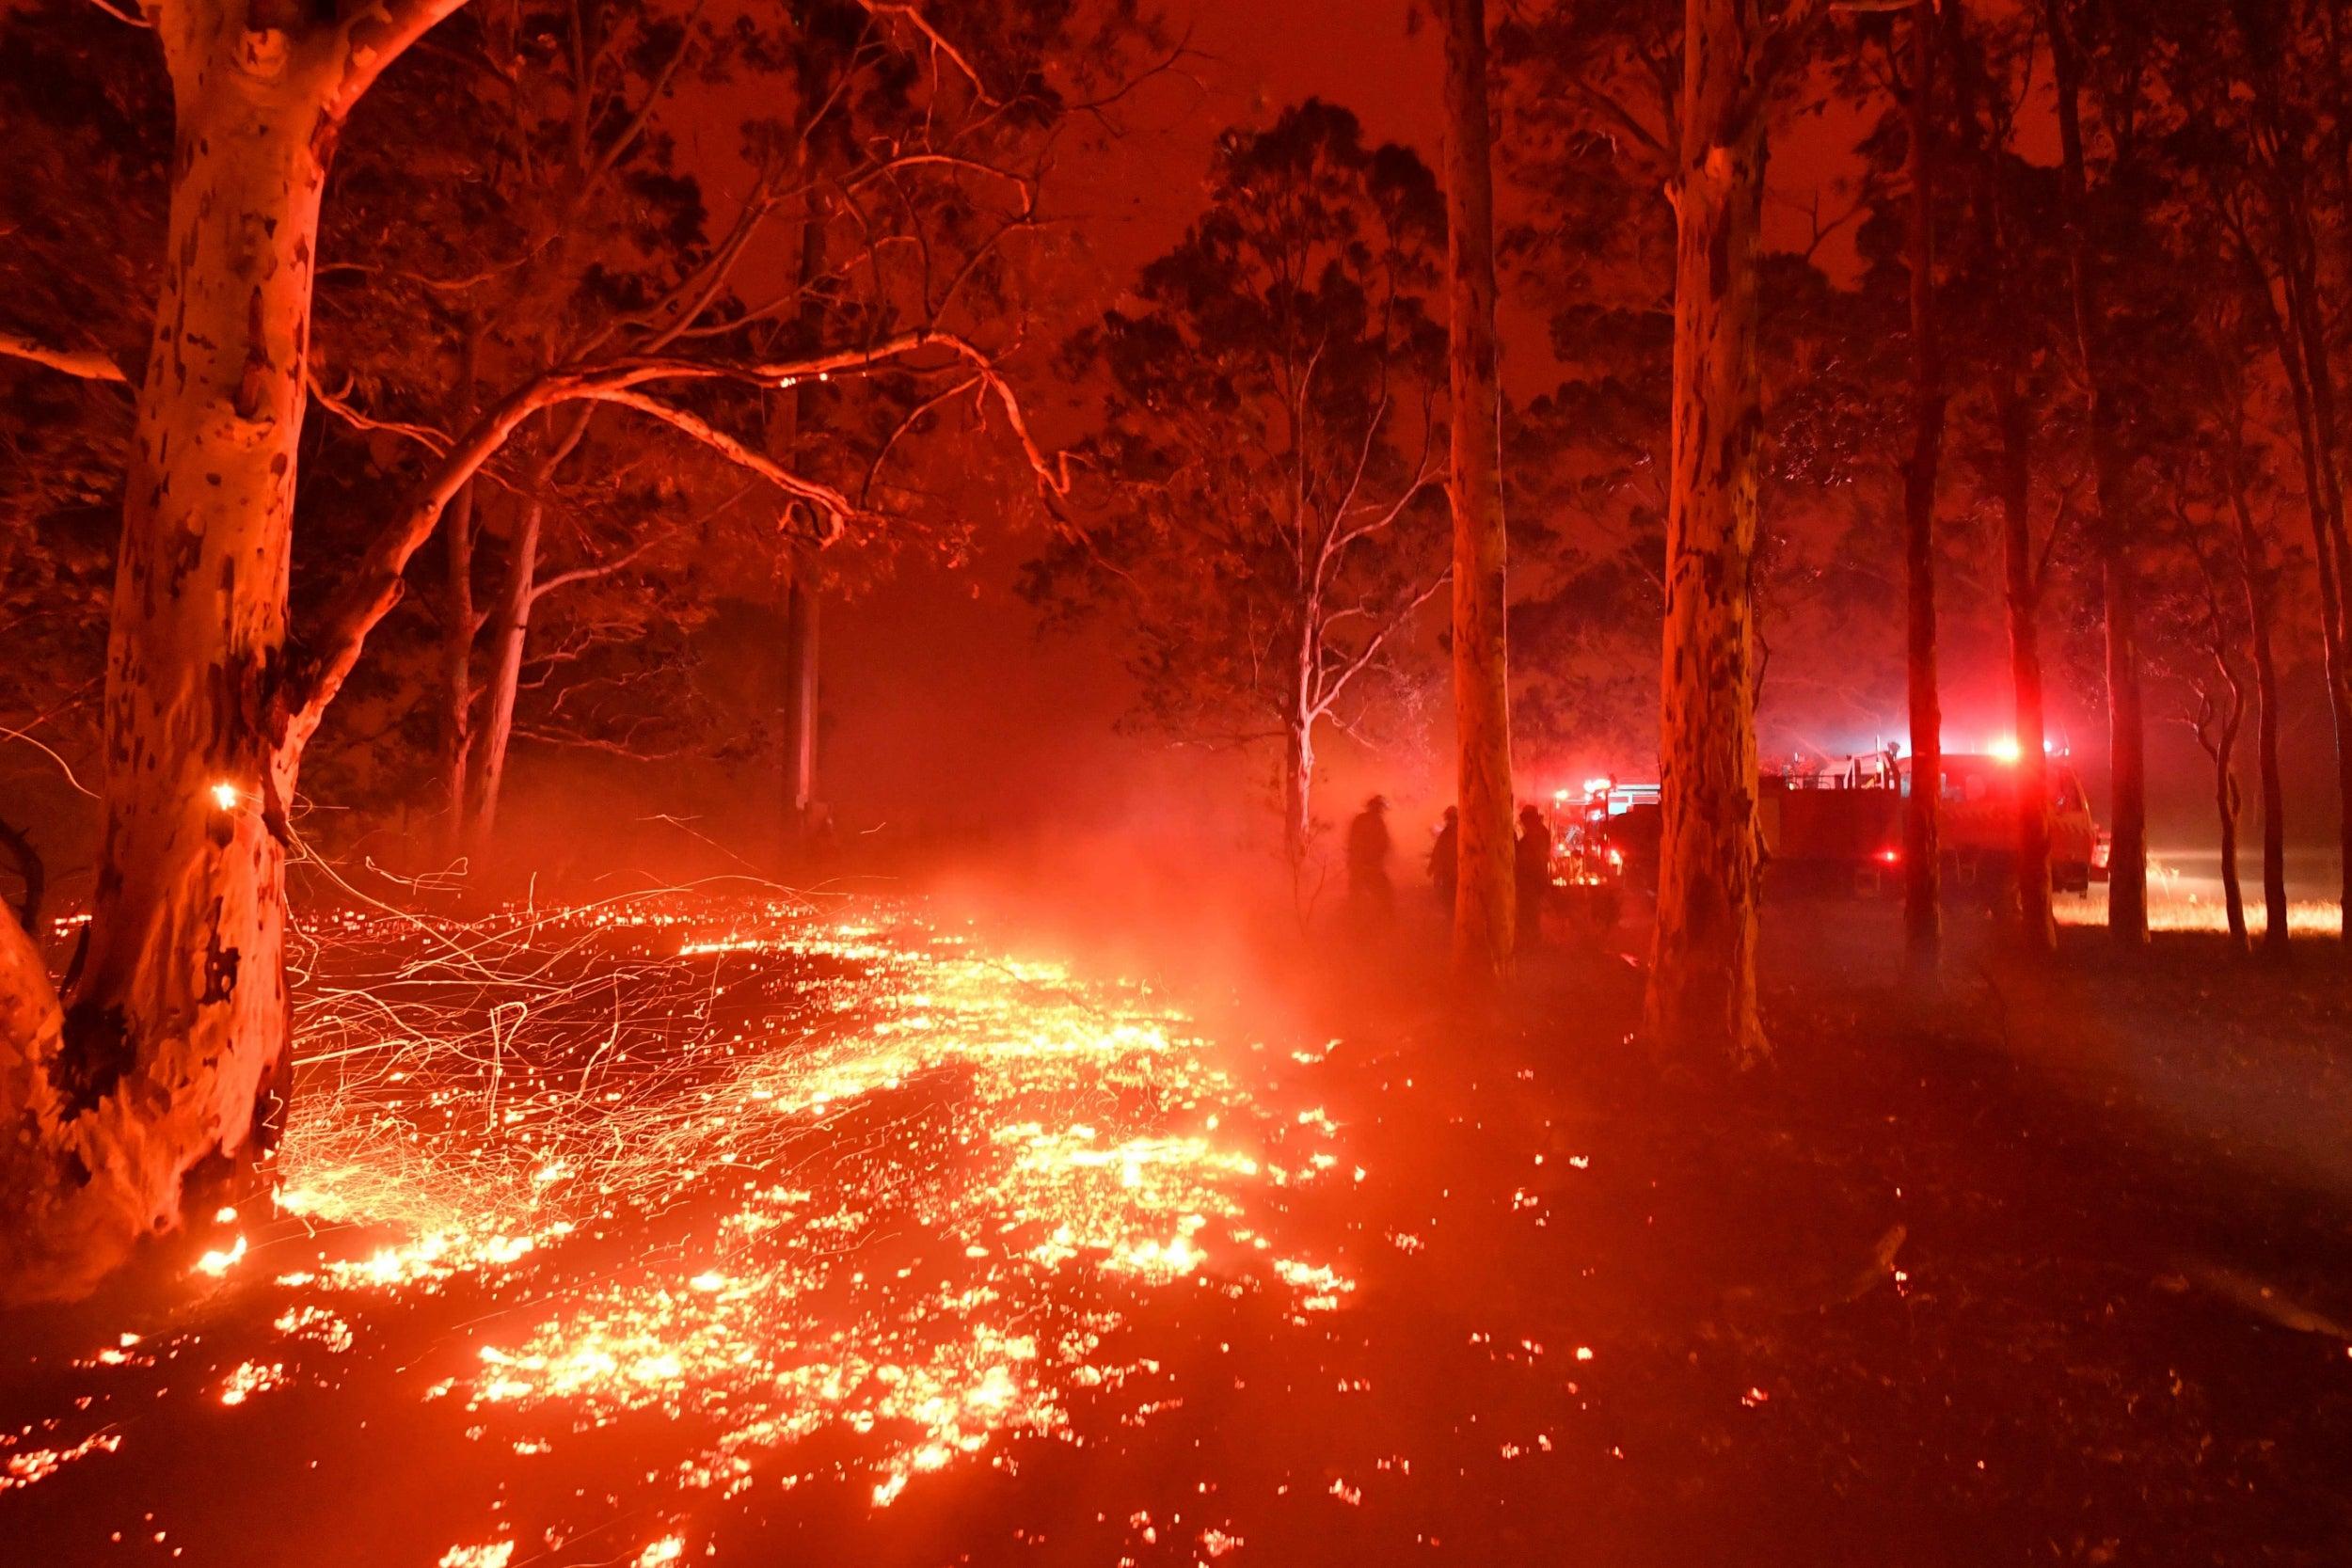 Australiafires11.jpg